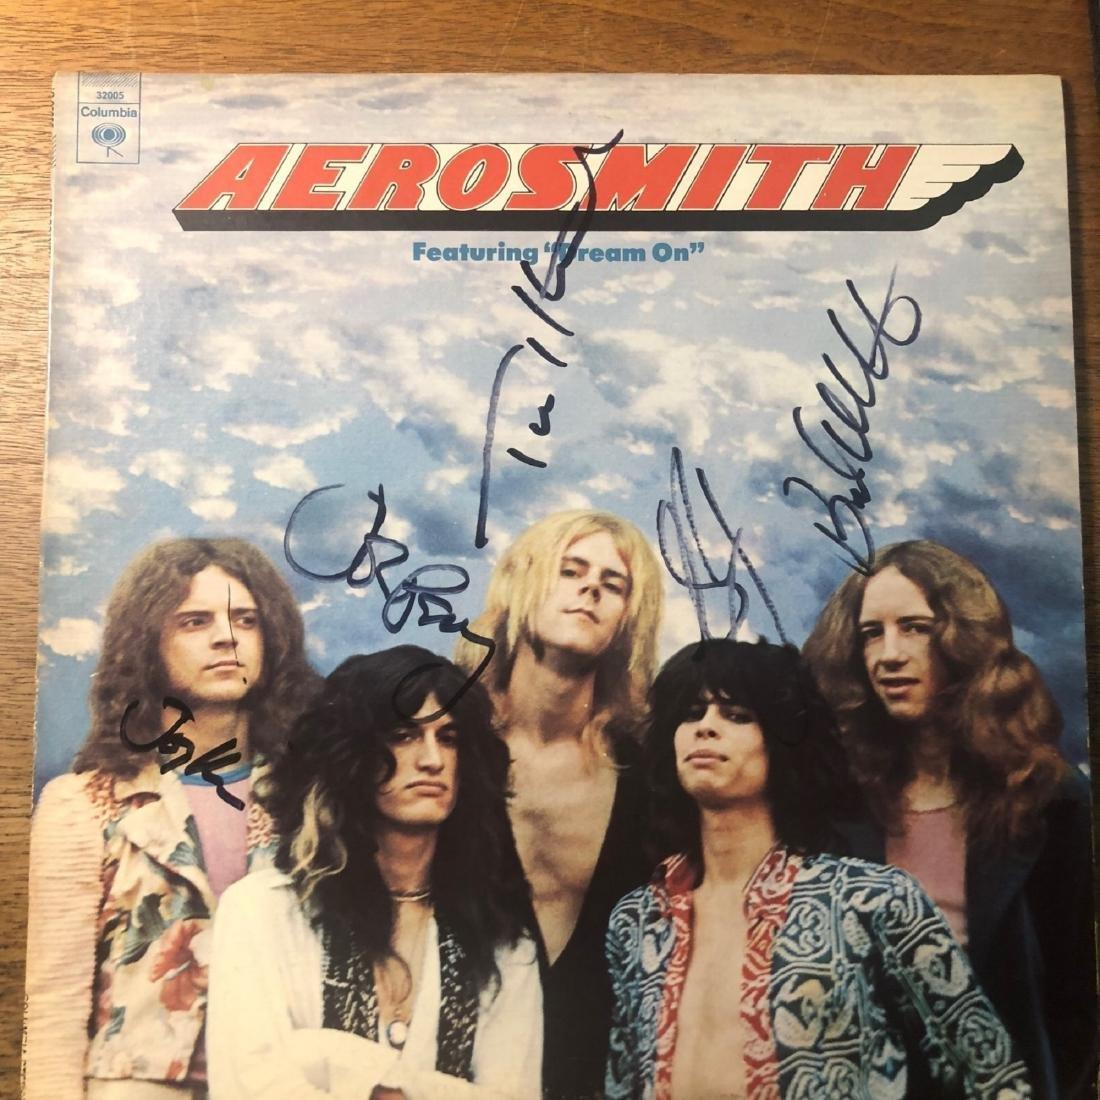 Signed Aerosmith Album